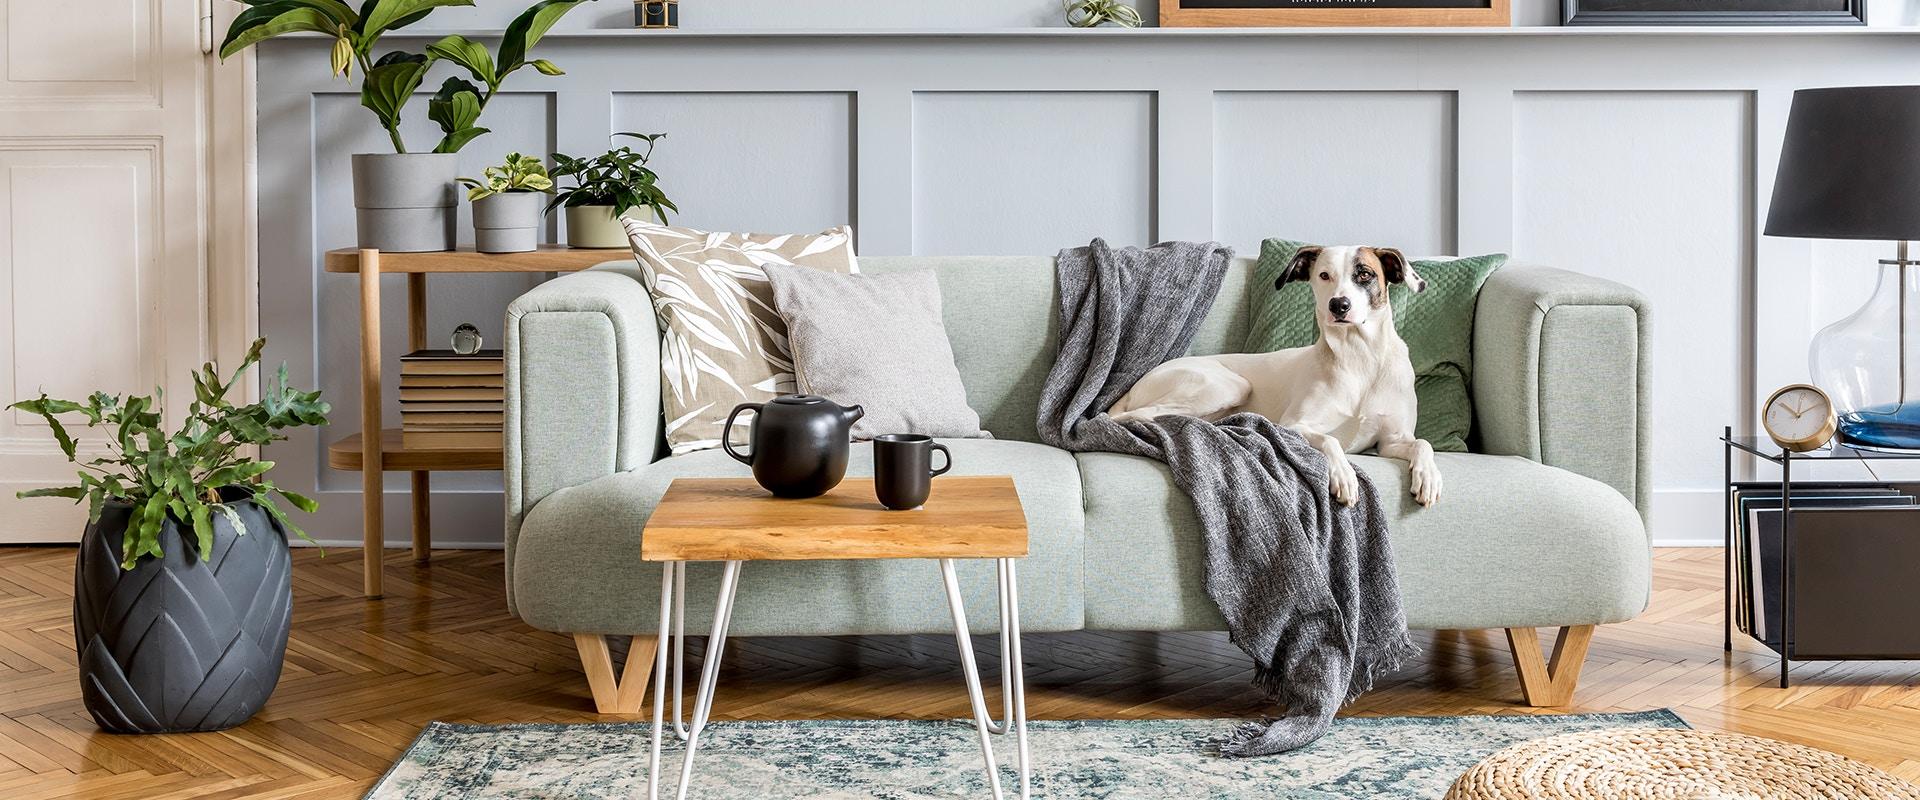 Ein Hund sitzt auf einem Sofa in einem stylischen Wohnzimmer.